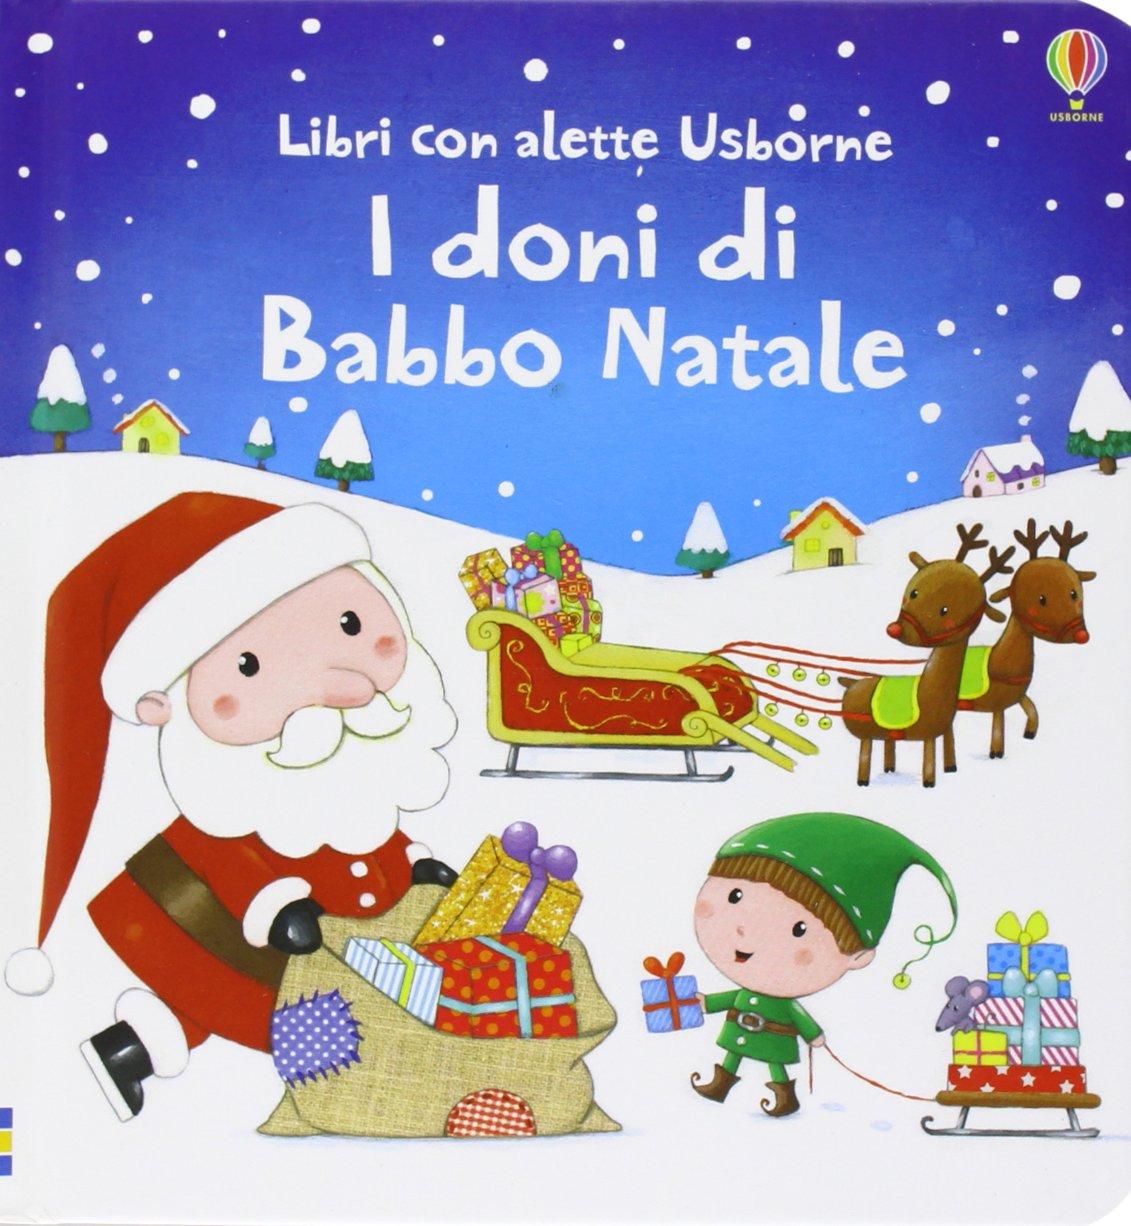 Descrizione Di Babbo Natale Per Bambini.Amazon It I Doni Di Babbo Natale Ediz Illustrata Taplin Sam Bonnet Rosalinde Tammaro L Libri